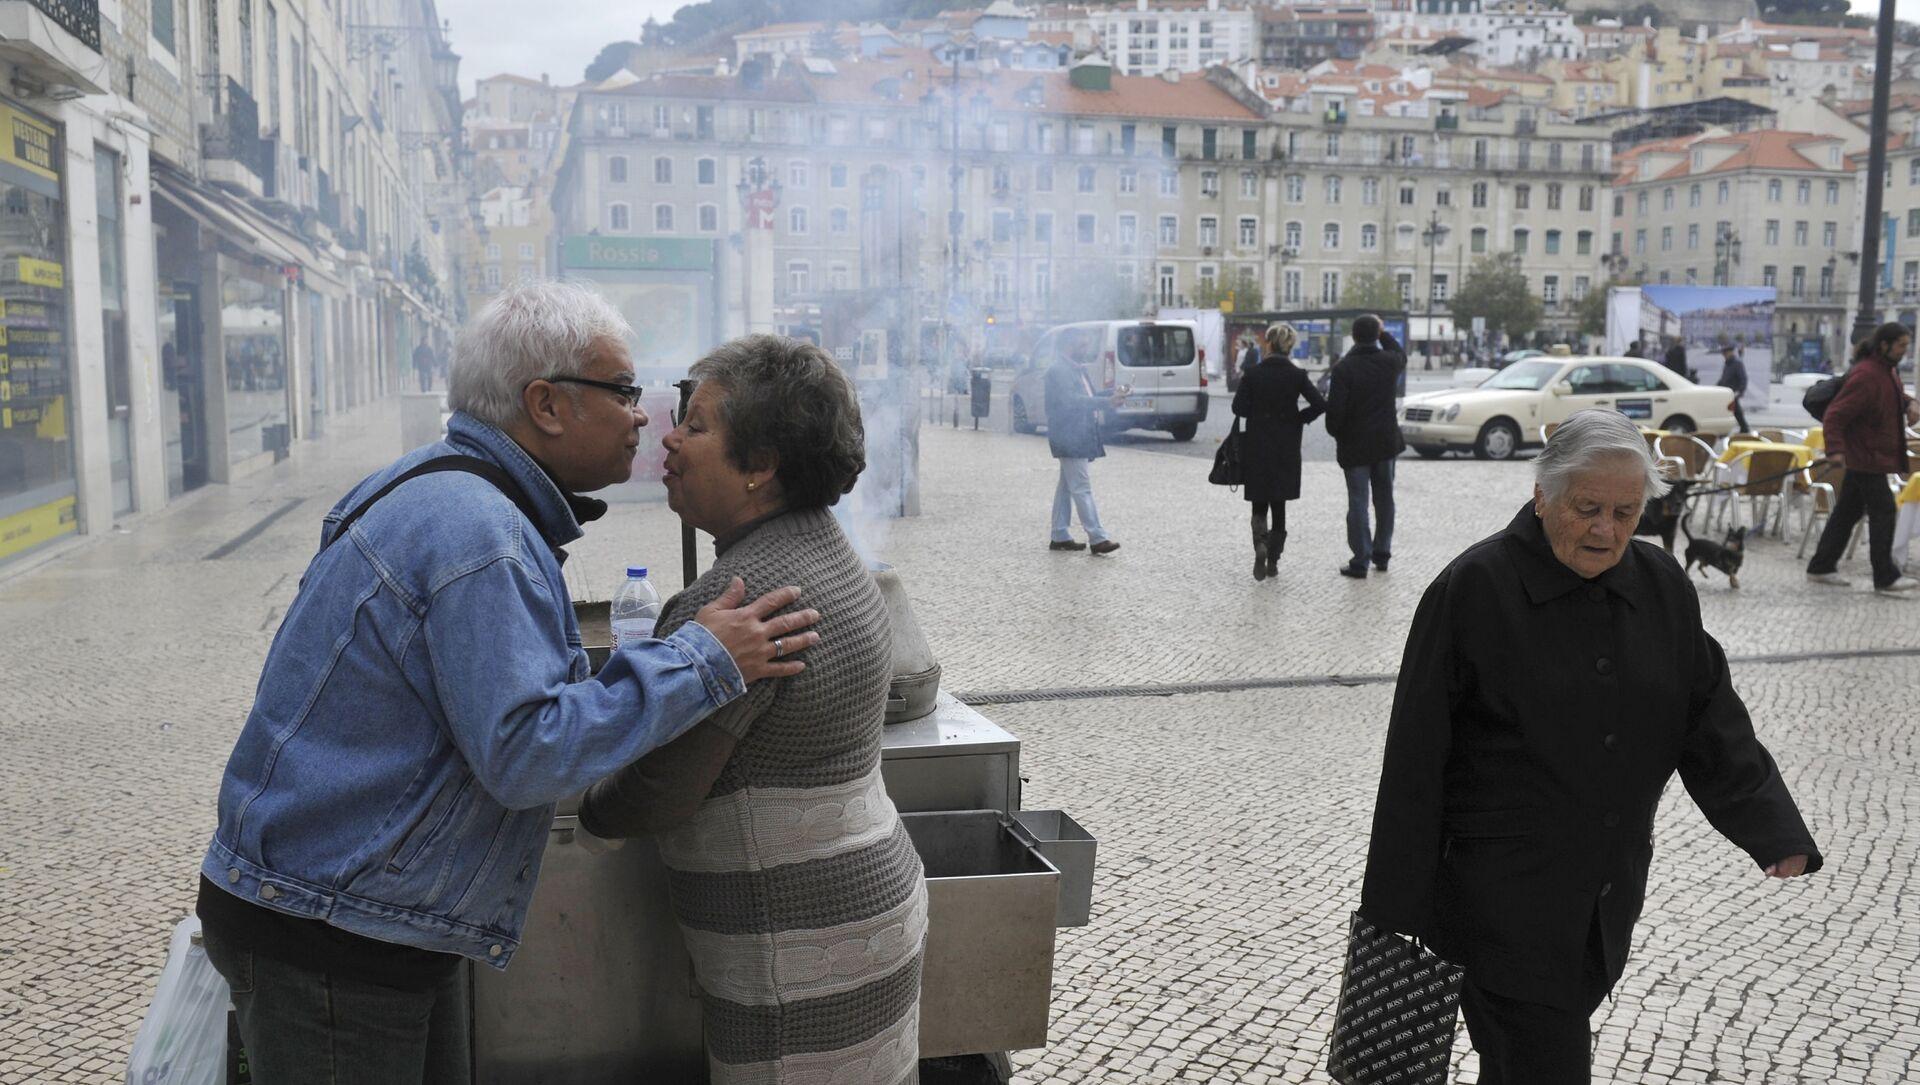 Portogallo: uomo condannato a pagare 60mila euro alla ex per i lavori domestici svolti da lei - Sputnik Italia, 1920, 25.03.2021